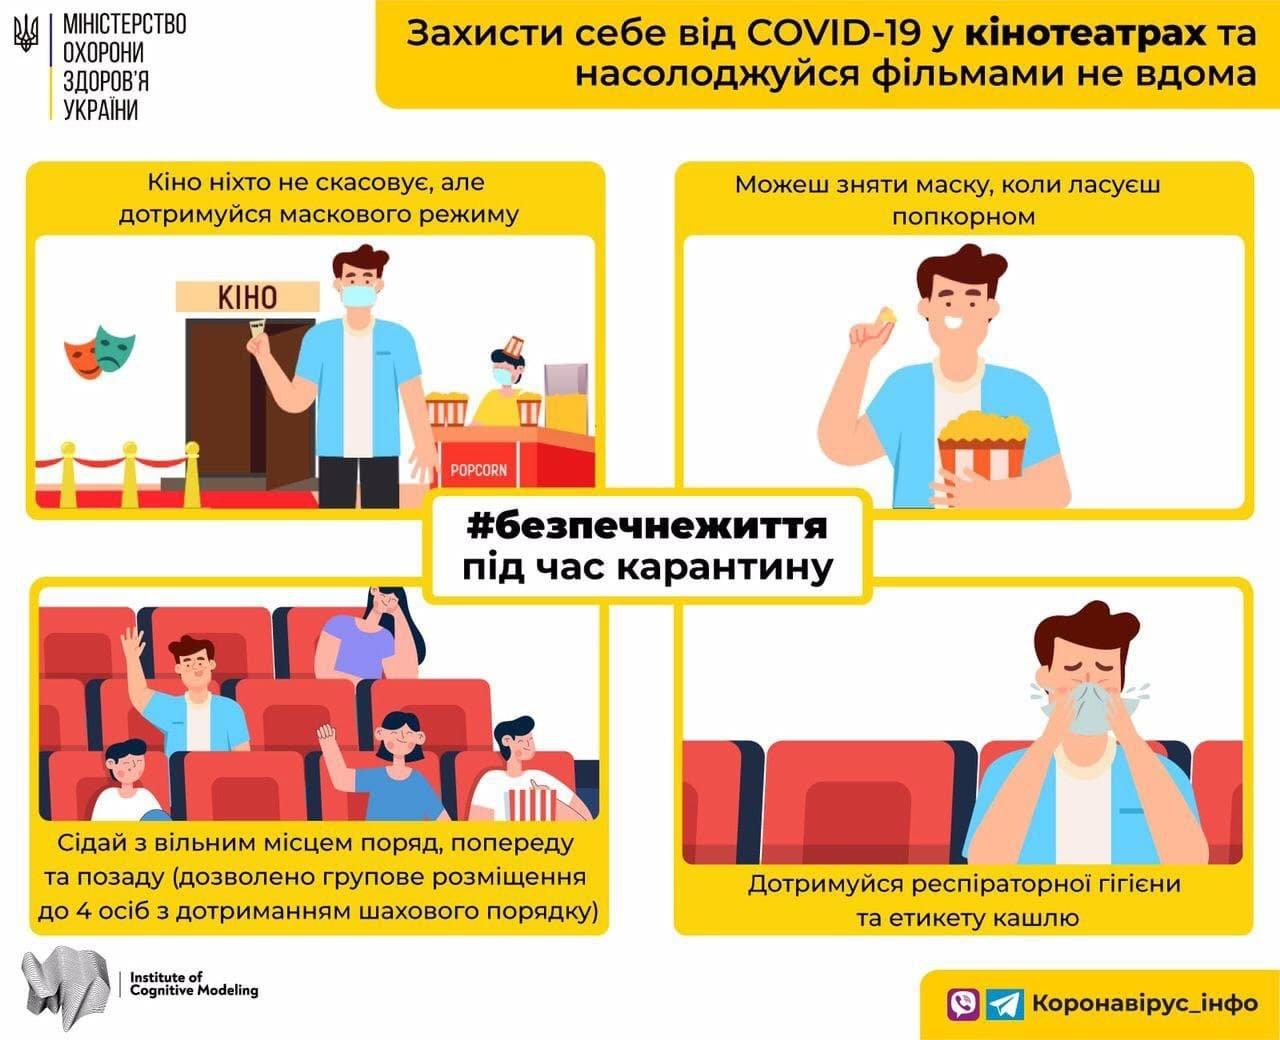 Еще 7 смертей от коронавируса: статистика по COVID-19 в Днепре на утро 17 ноября, фото-2